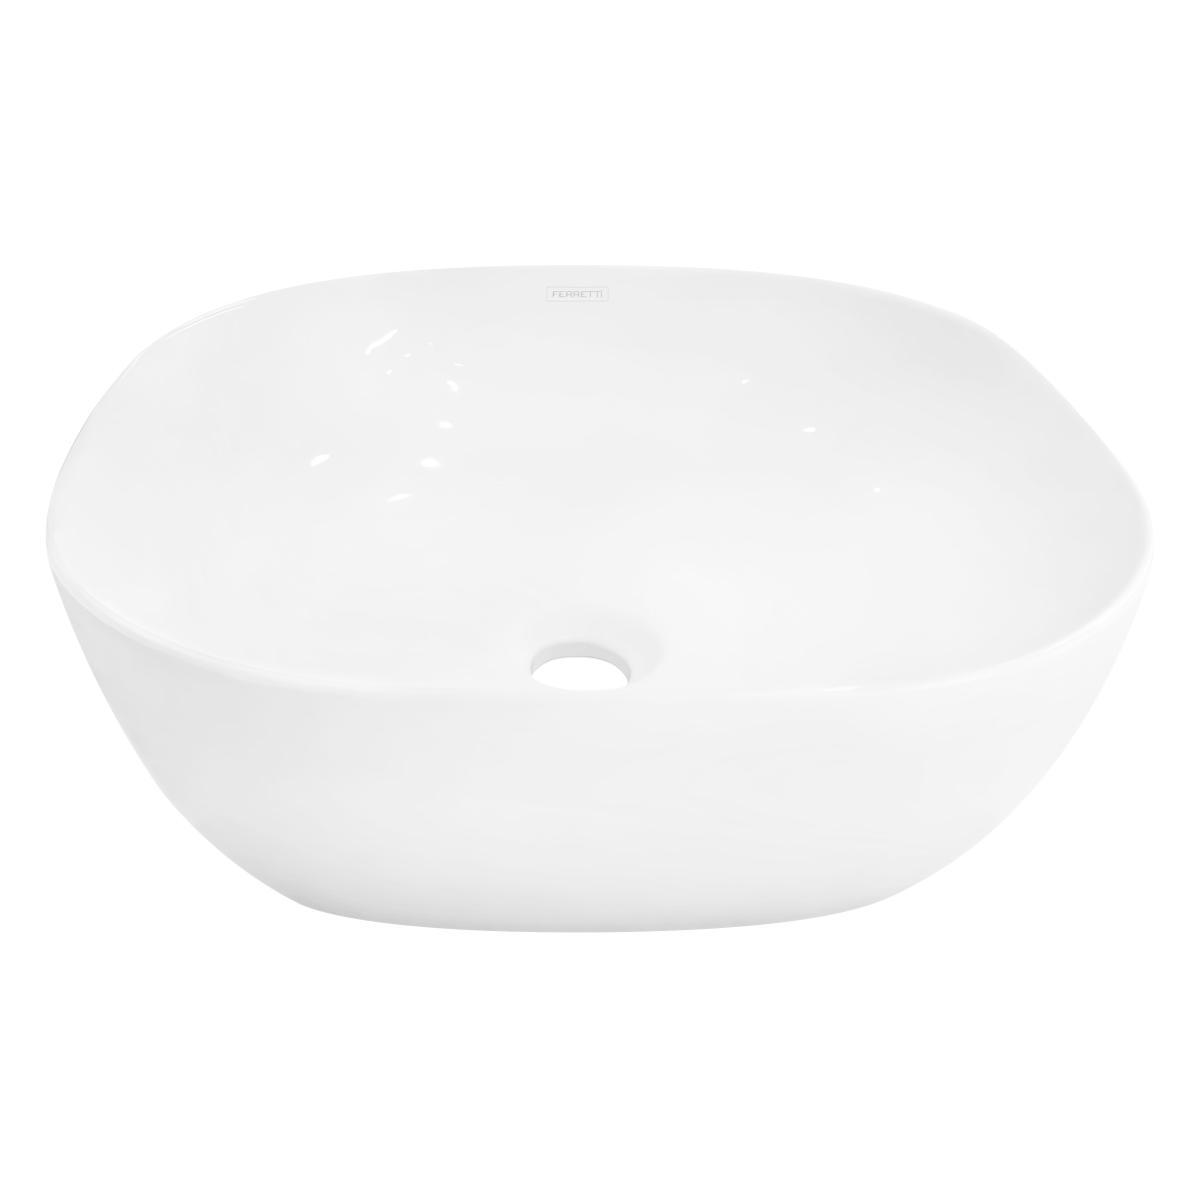 Bowl Hermes Slim 42 Para Sobreponer - Blanco